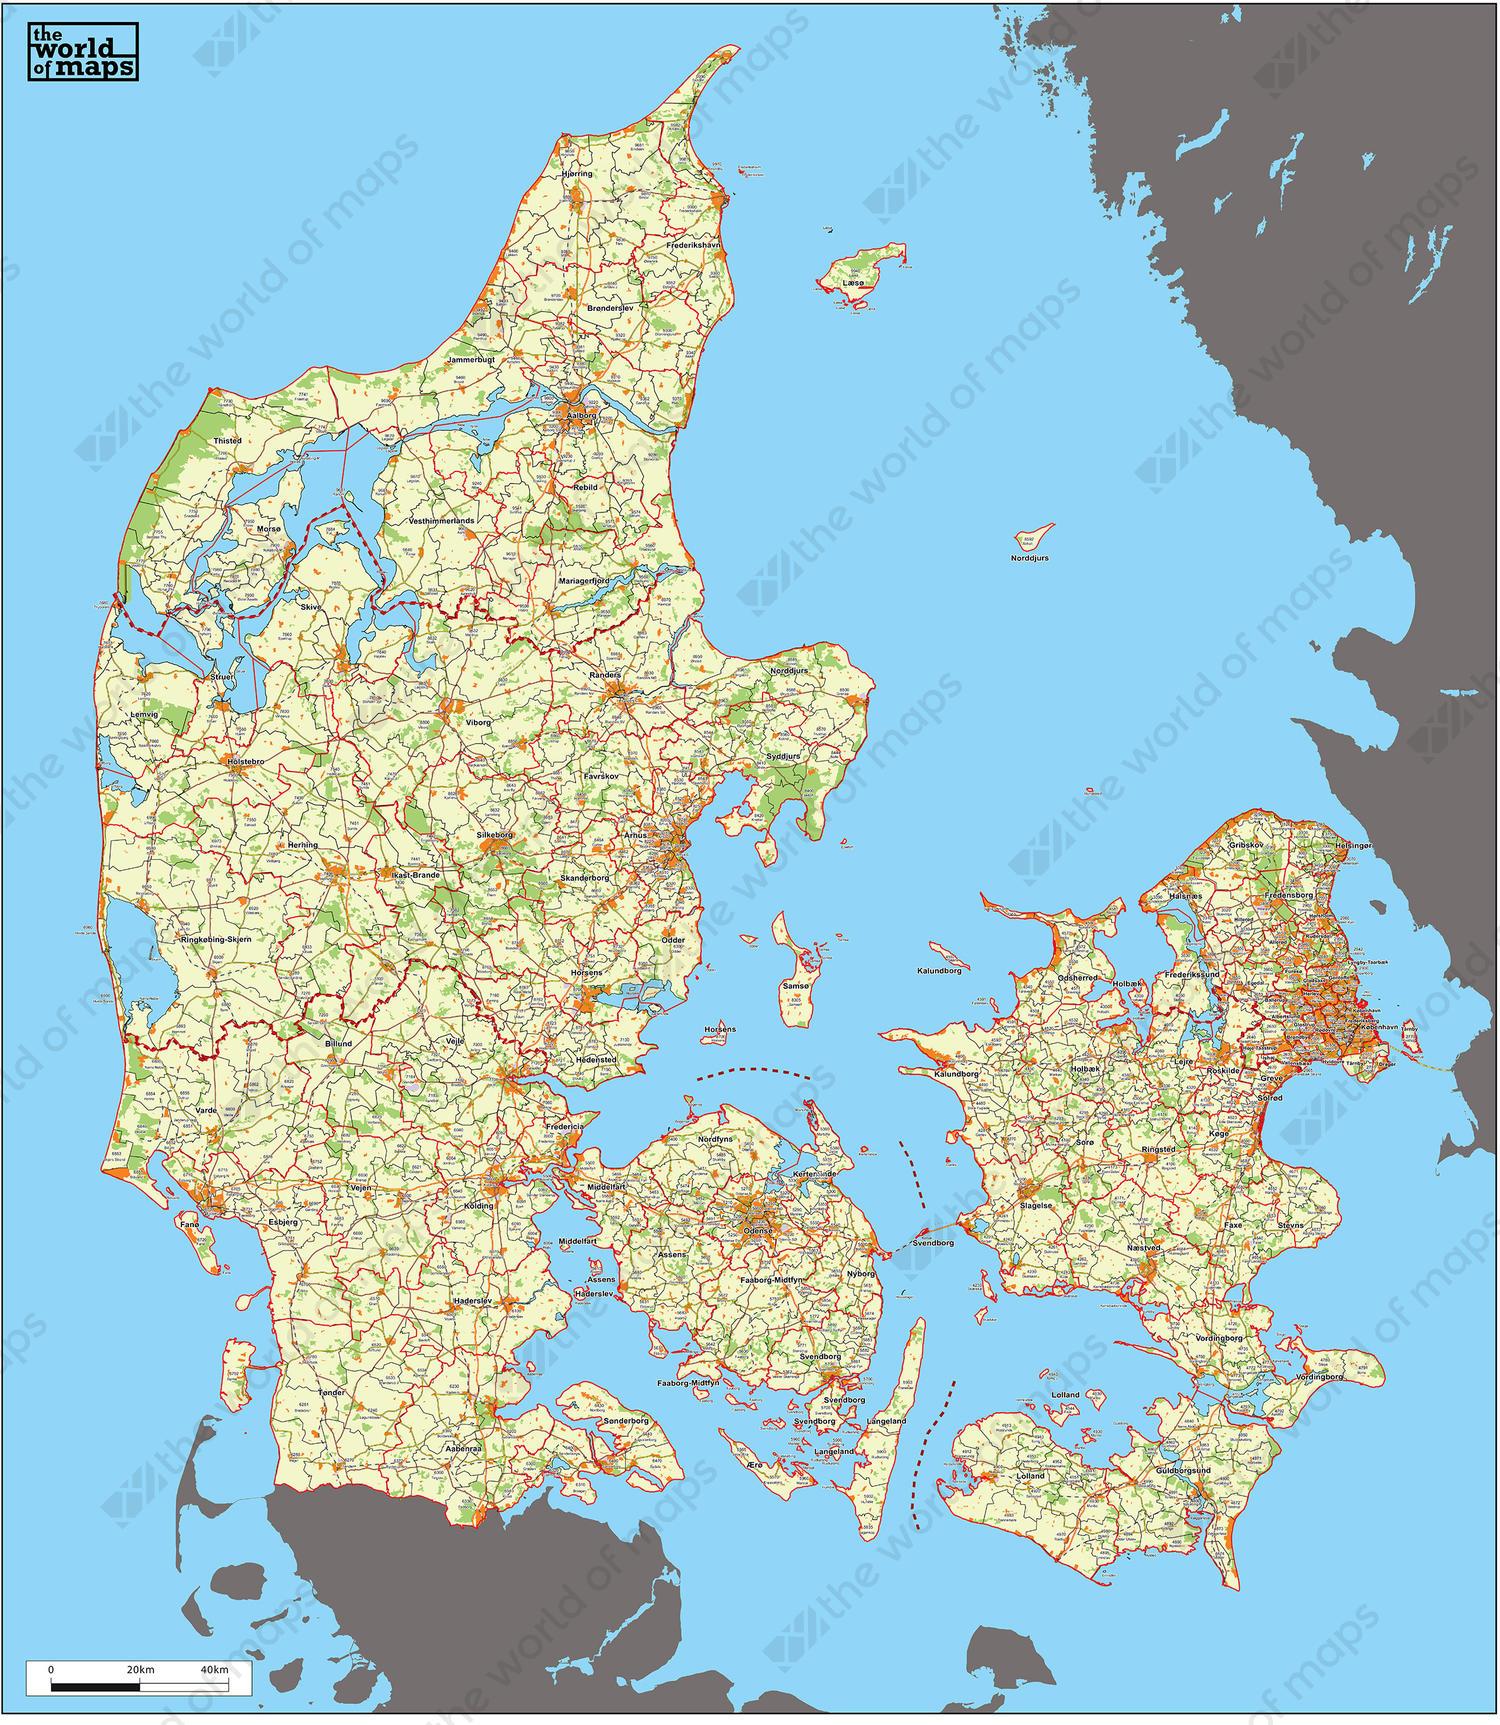 World Map Of Denmark.Digital Zip Code Map Denmark 229 The World Of Maps Com